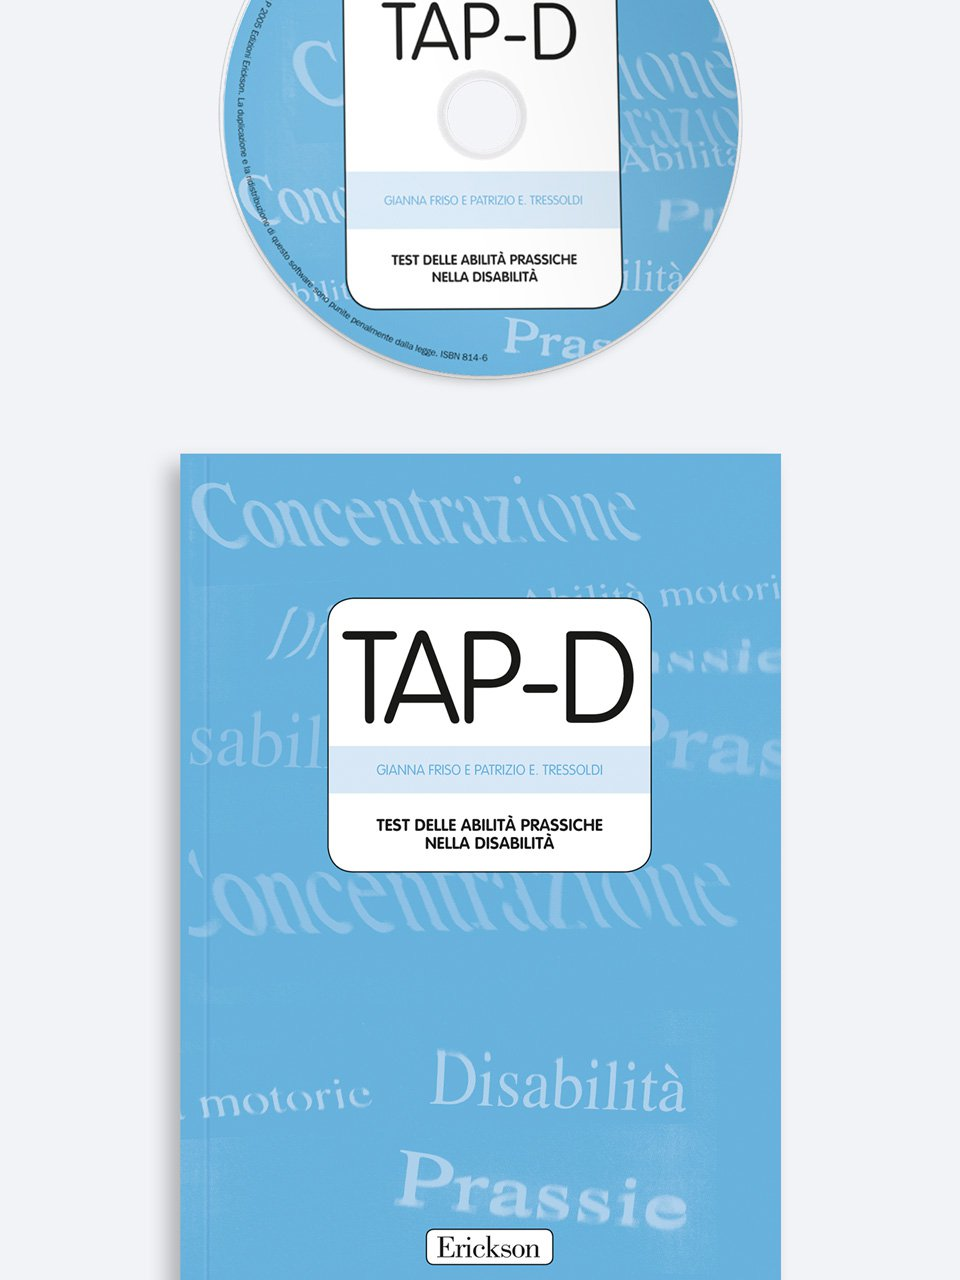 TAP-D - Test delle Abilità Prassiche nella Disabilità - TACTOO - Giochi - Erickson